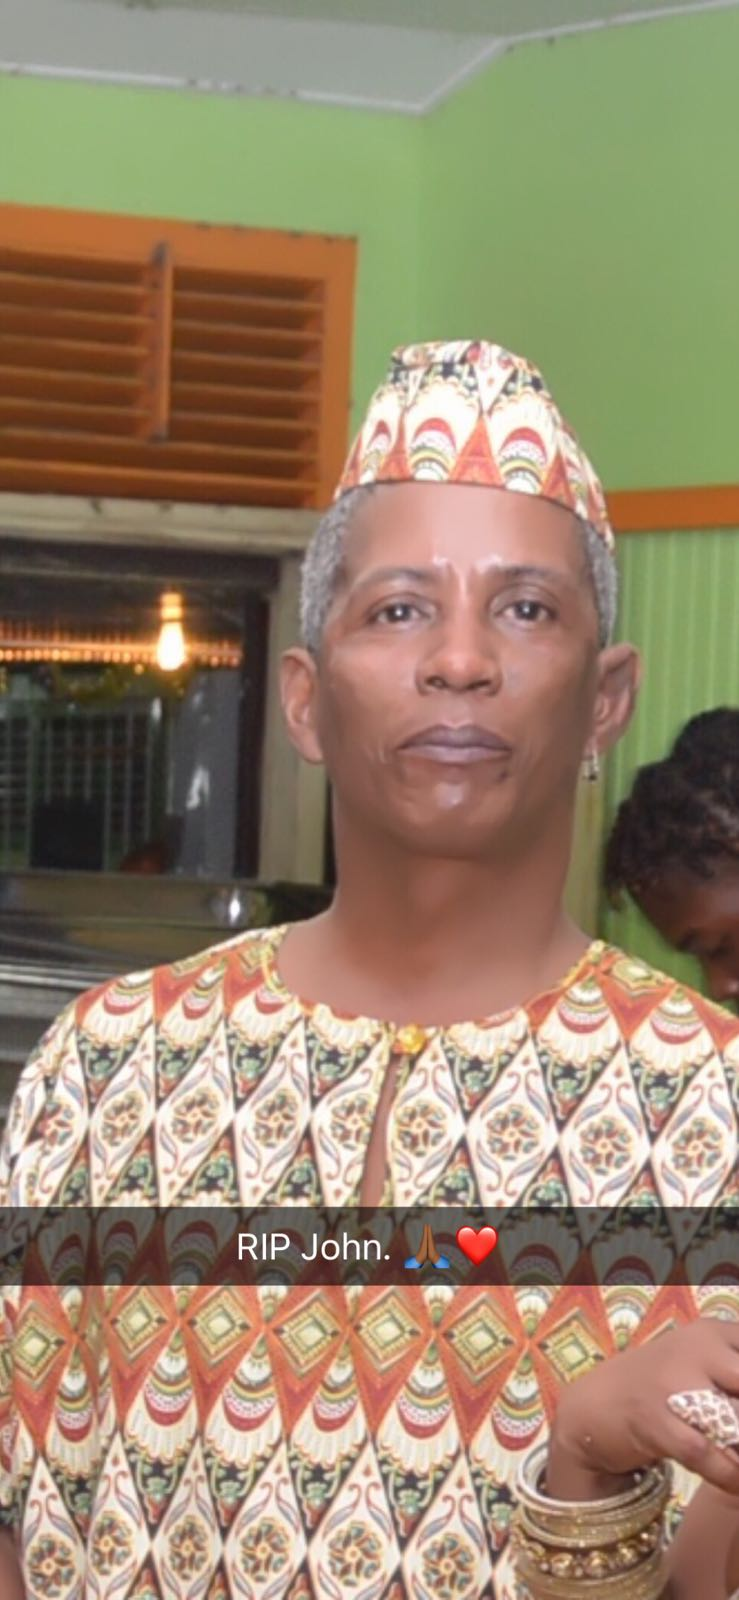 FamilieNieuw Suriname Overleden - 52-jarige John Verbond